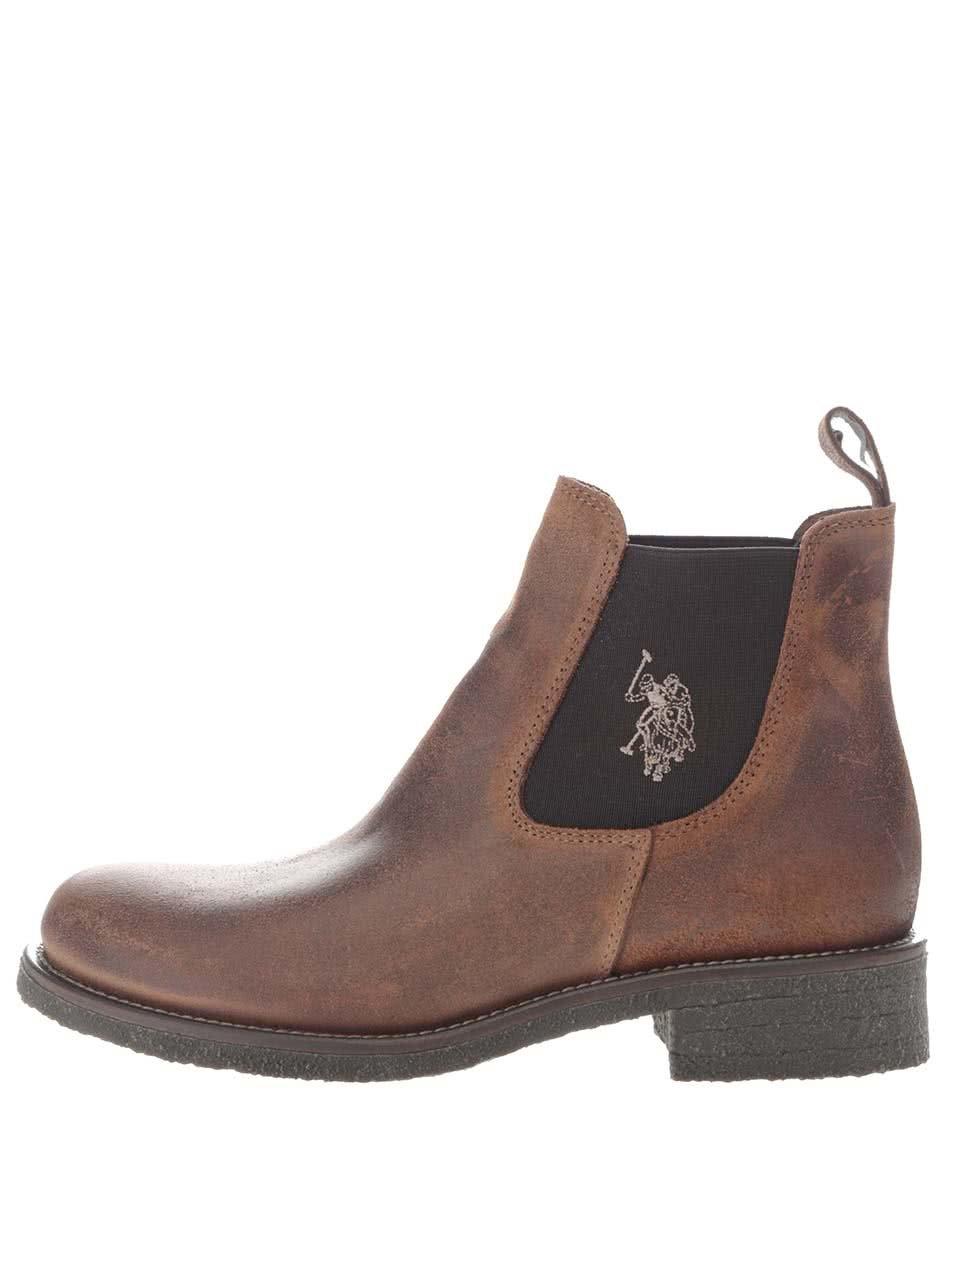 81e8c8c1ee994 Hnedé dámske členkové topánky z brúsenej kože U.S. Polo Assn. Faris ...